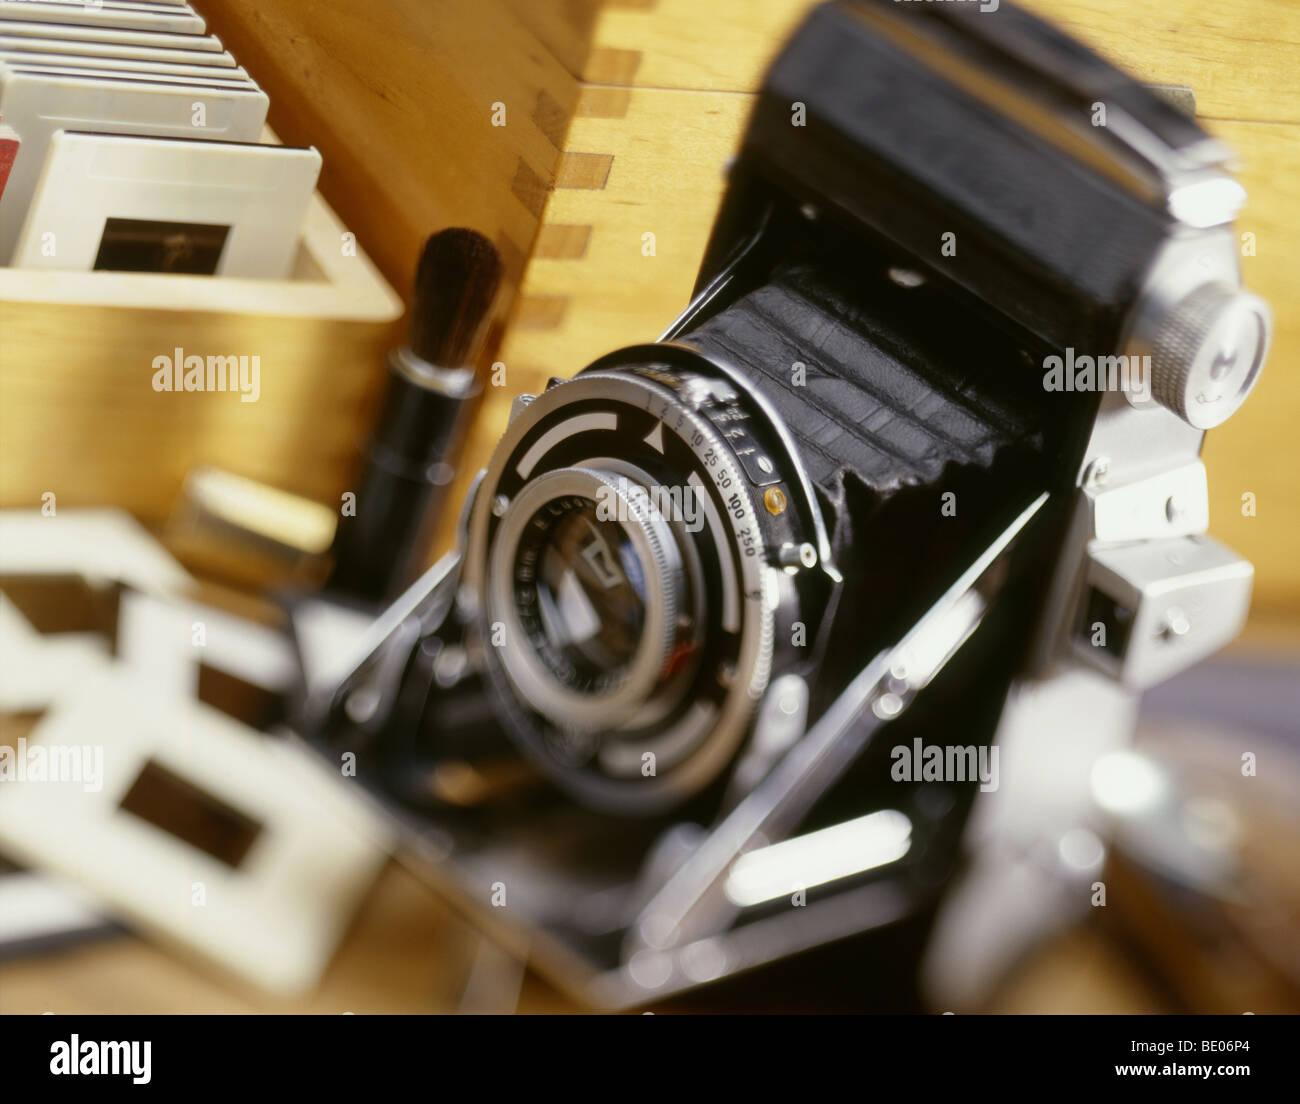 photography nostalgic - Stock Image